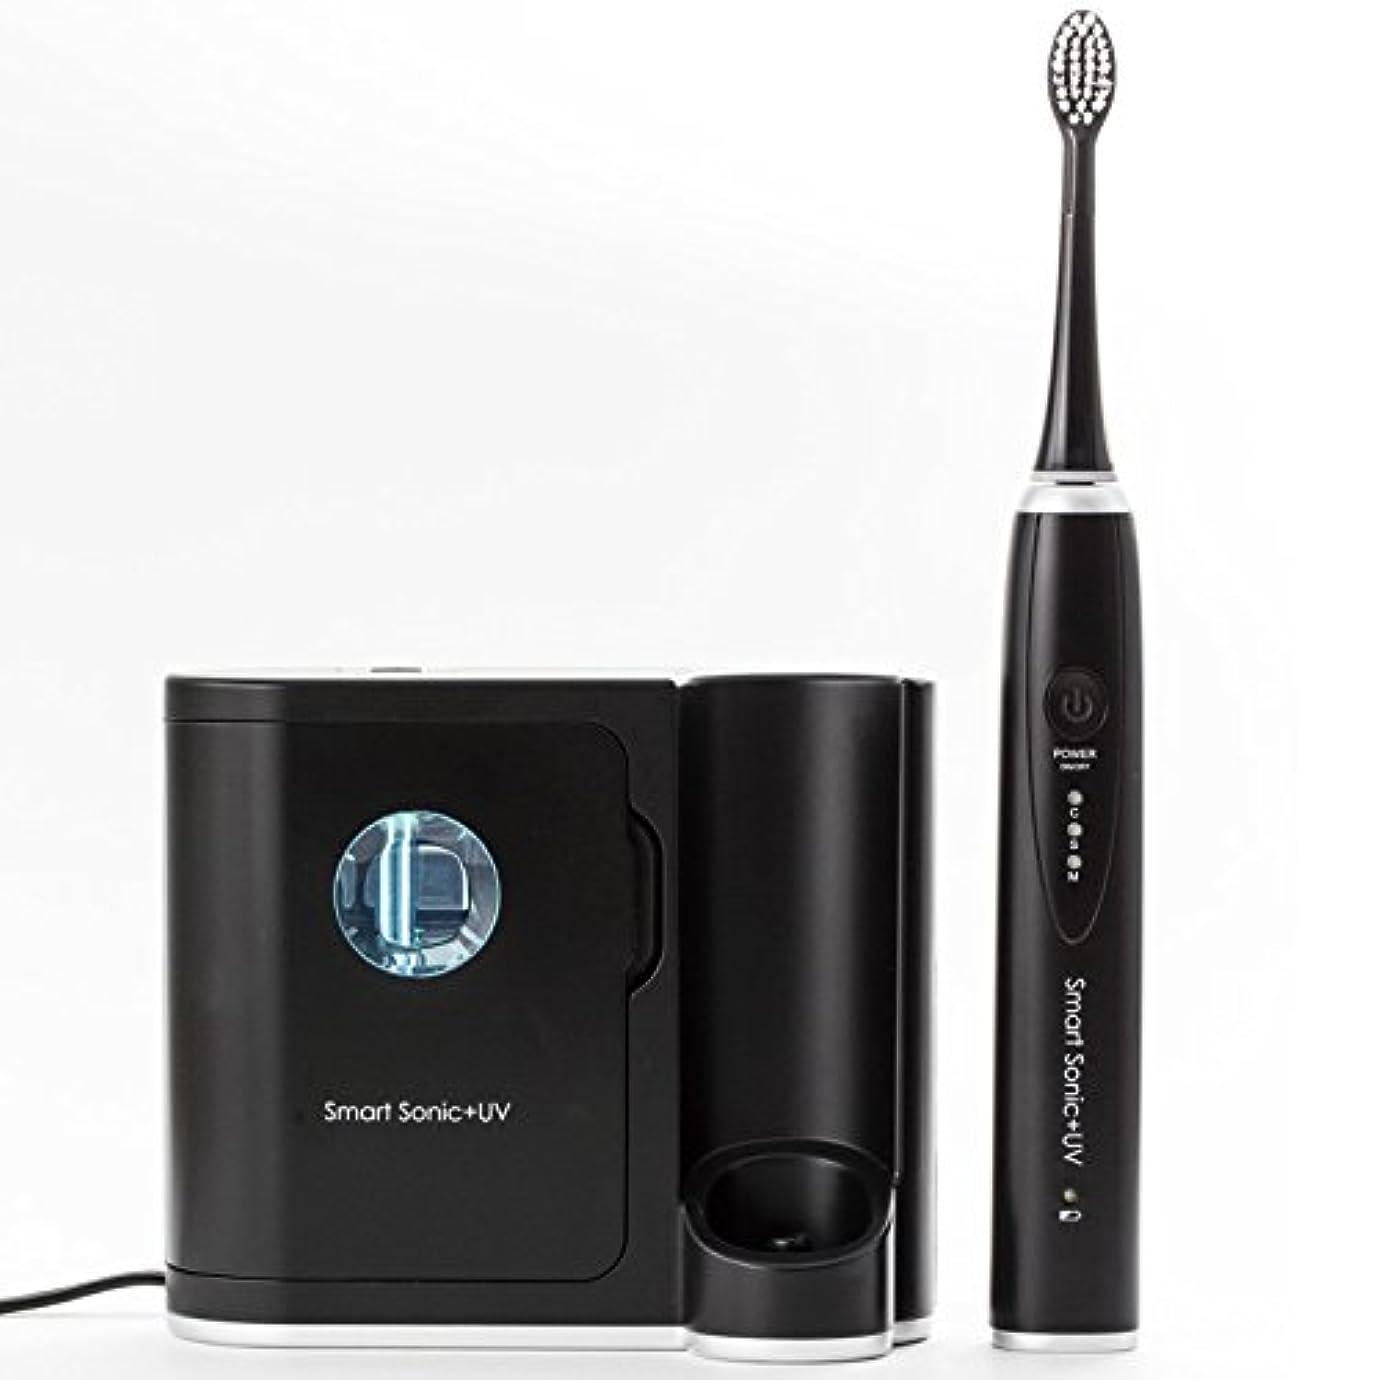 かかわらずファン脊椎音波歯ブラシ UV 紫外線除菌 歯ブラシ 殺菌機能付き 電動歯ブラシ スマートソニック プラス UV Smart Sonic UV